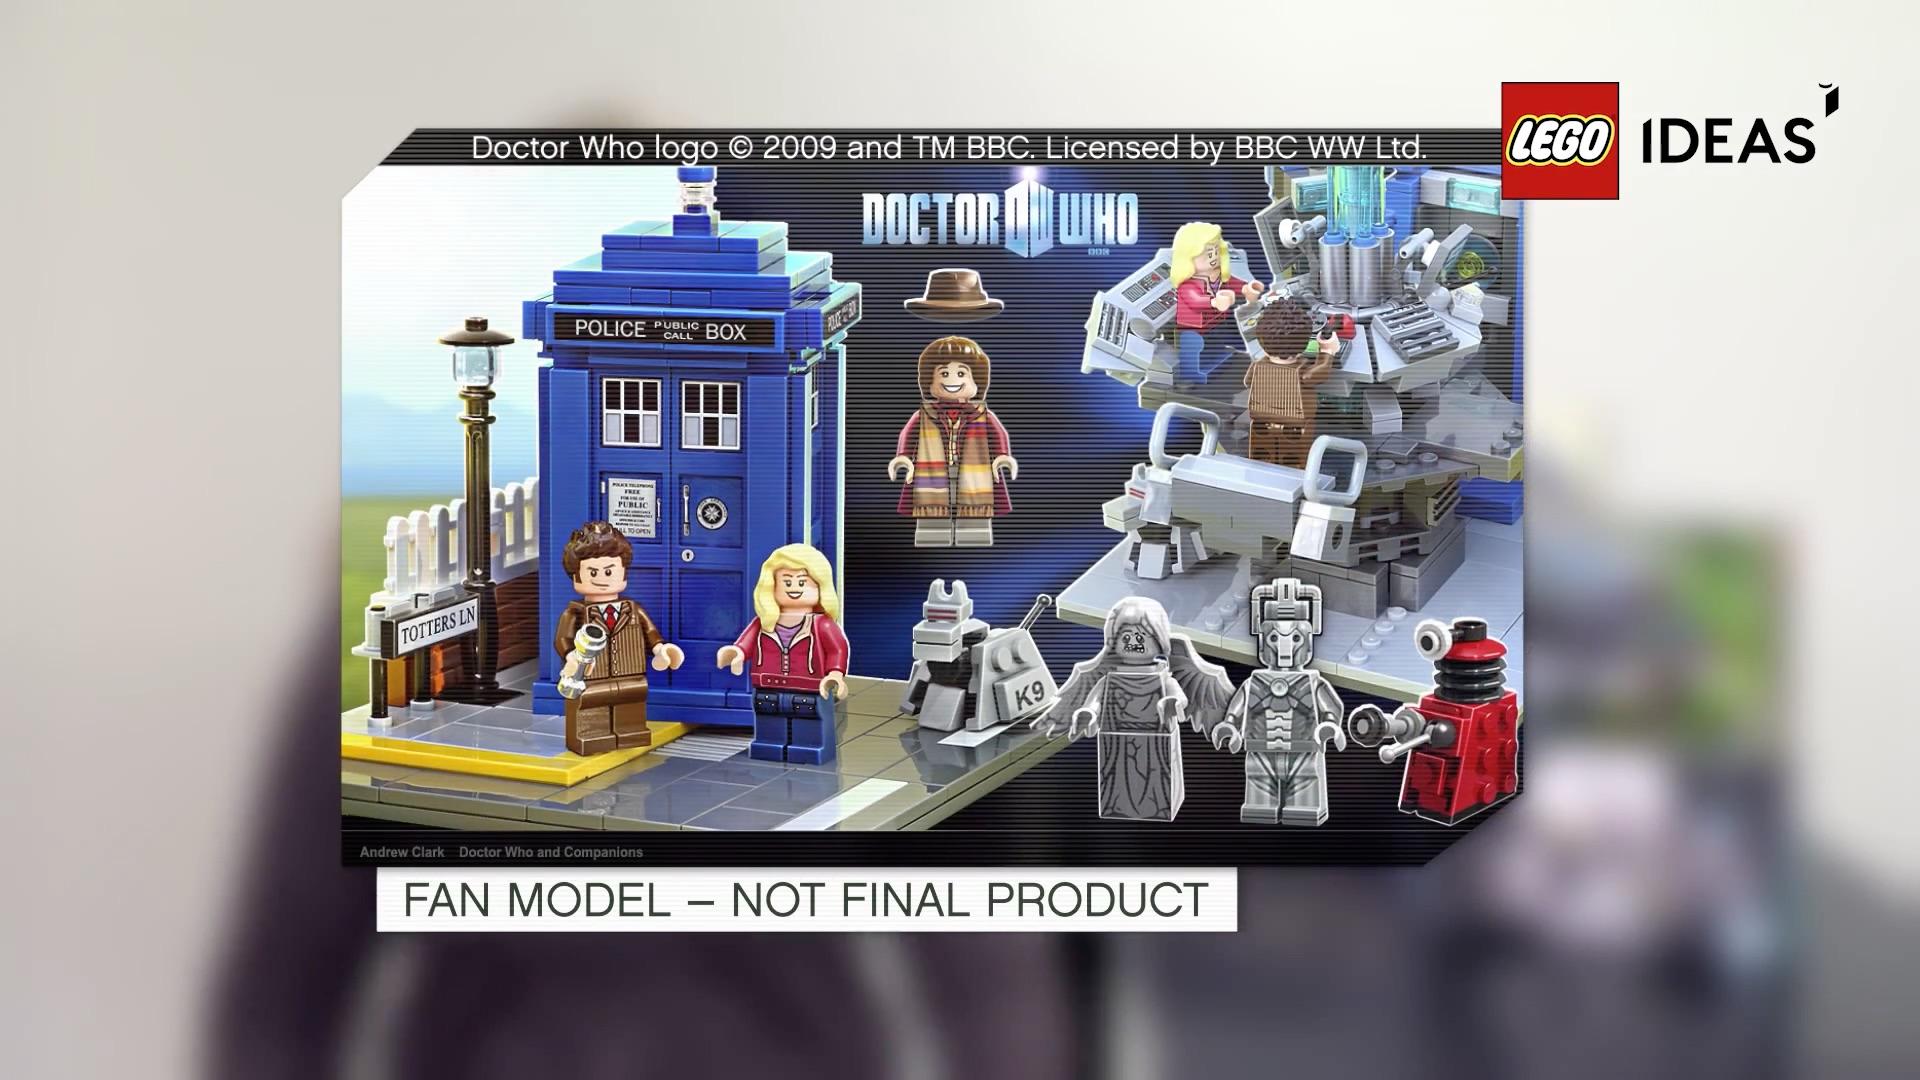 Lego annonce des coffrets Doctor Who et Wall-E en 2015 ...